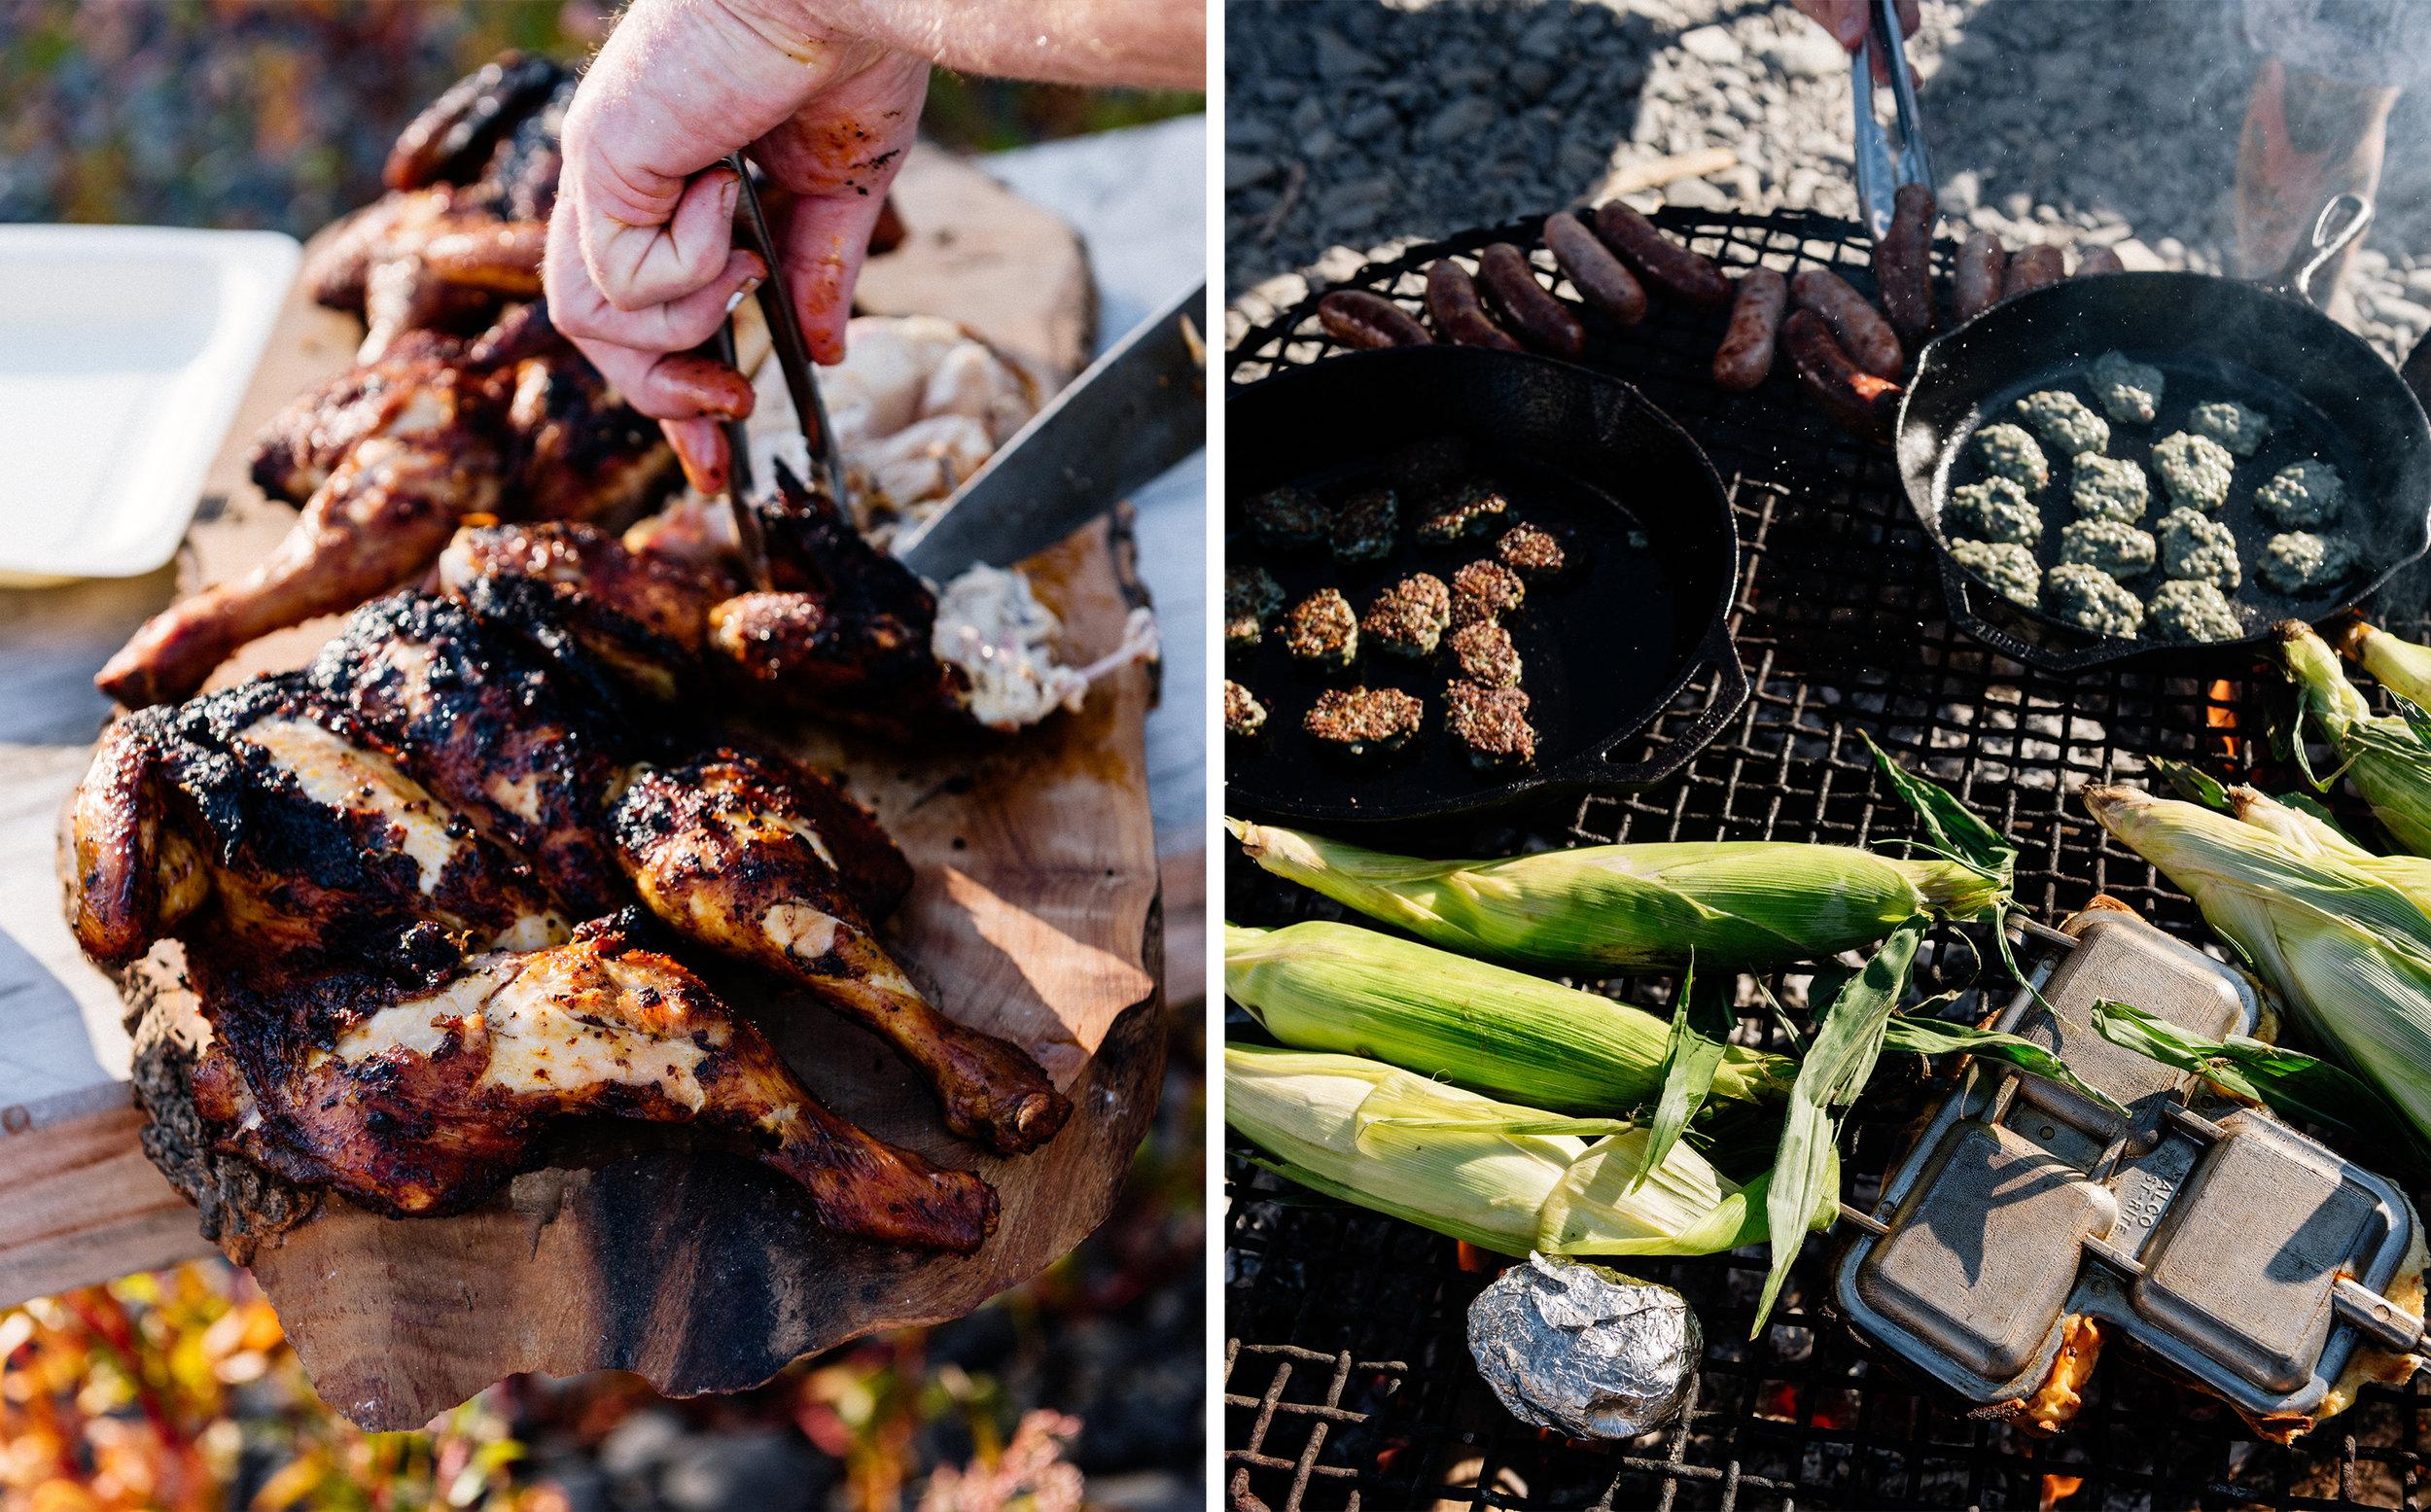 Al-Brown-Eat-Up-NZ-Cookbook-Josh-Griggs-Photographer-Splits-11.jpg